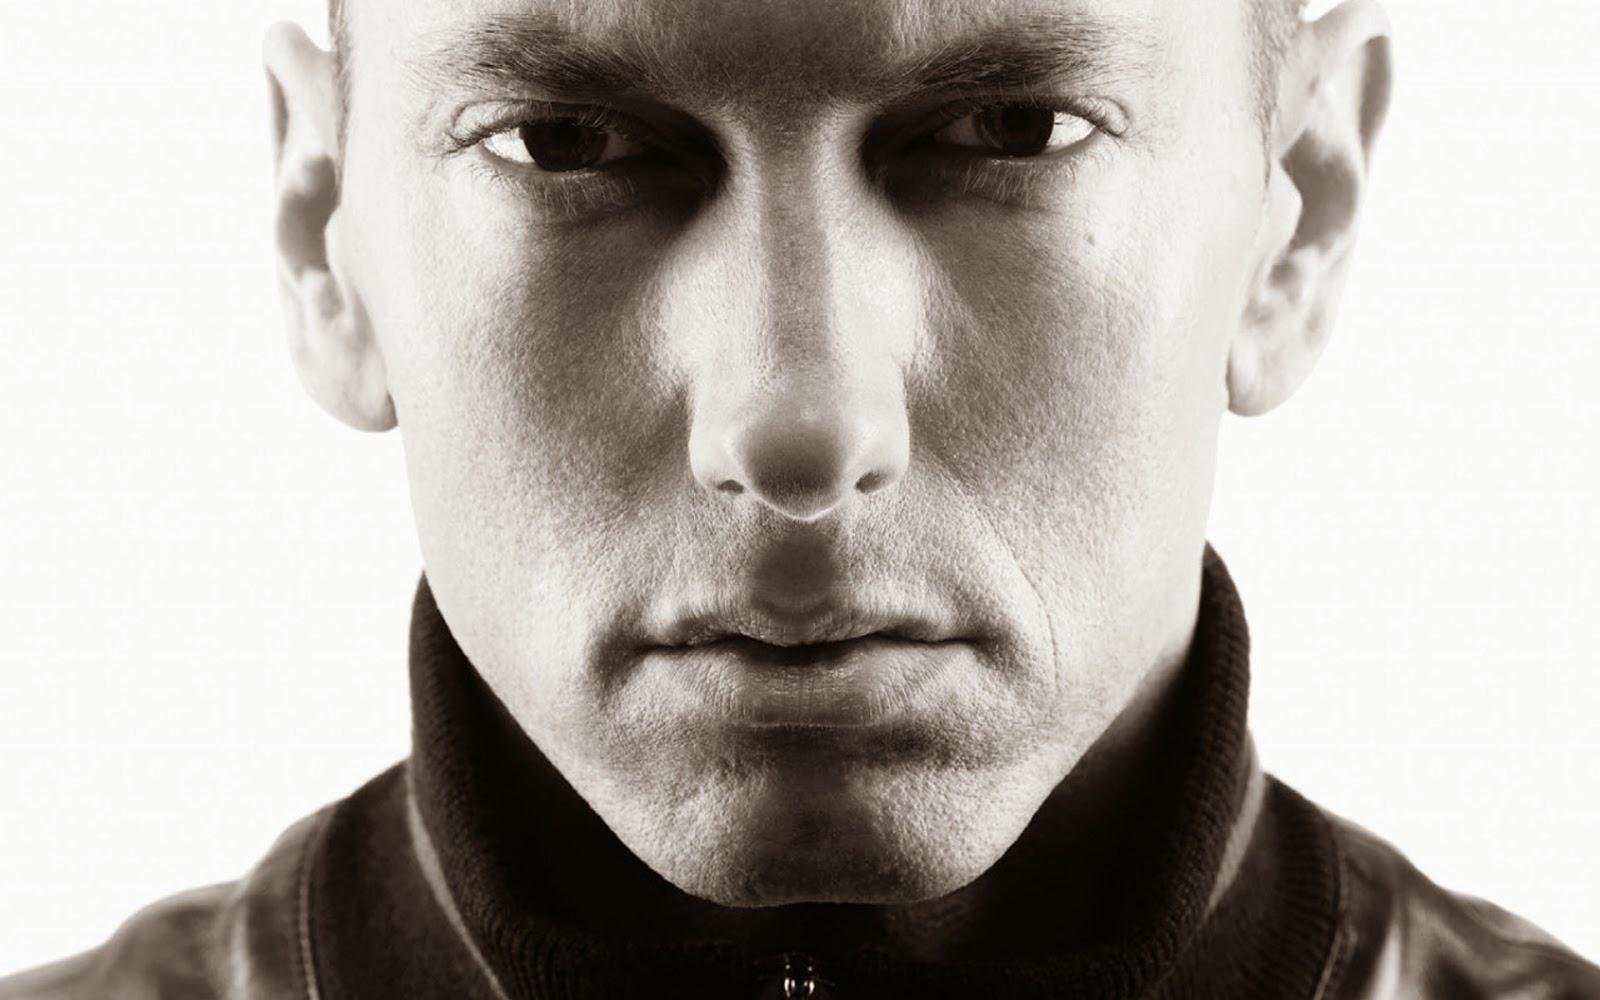 Eminem Diskografi 1996 2013 320kbps Full Albüm Indir Müzik